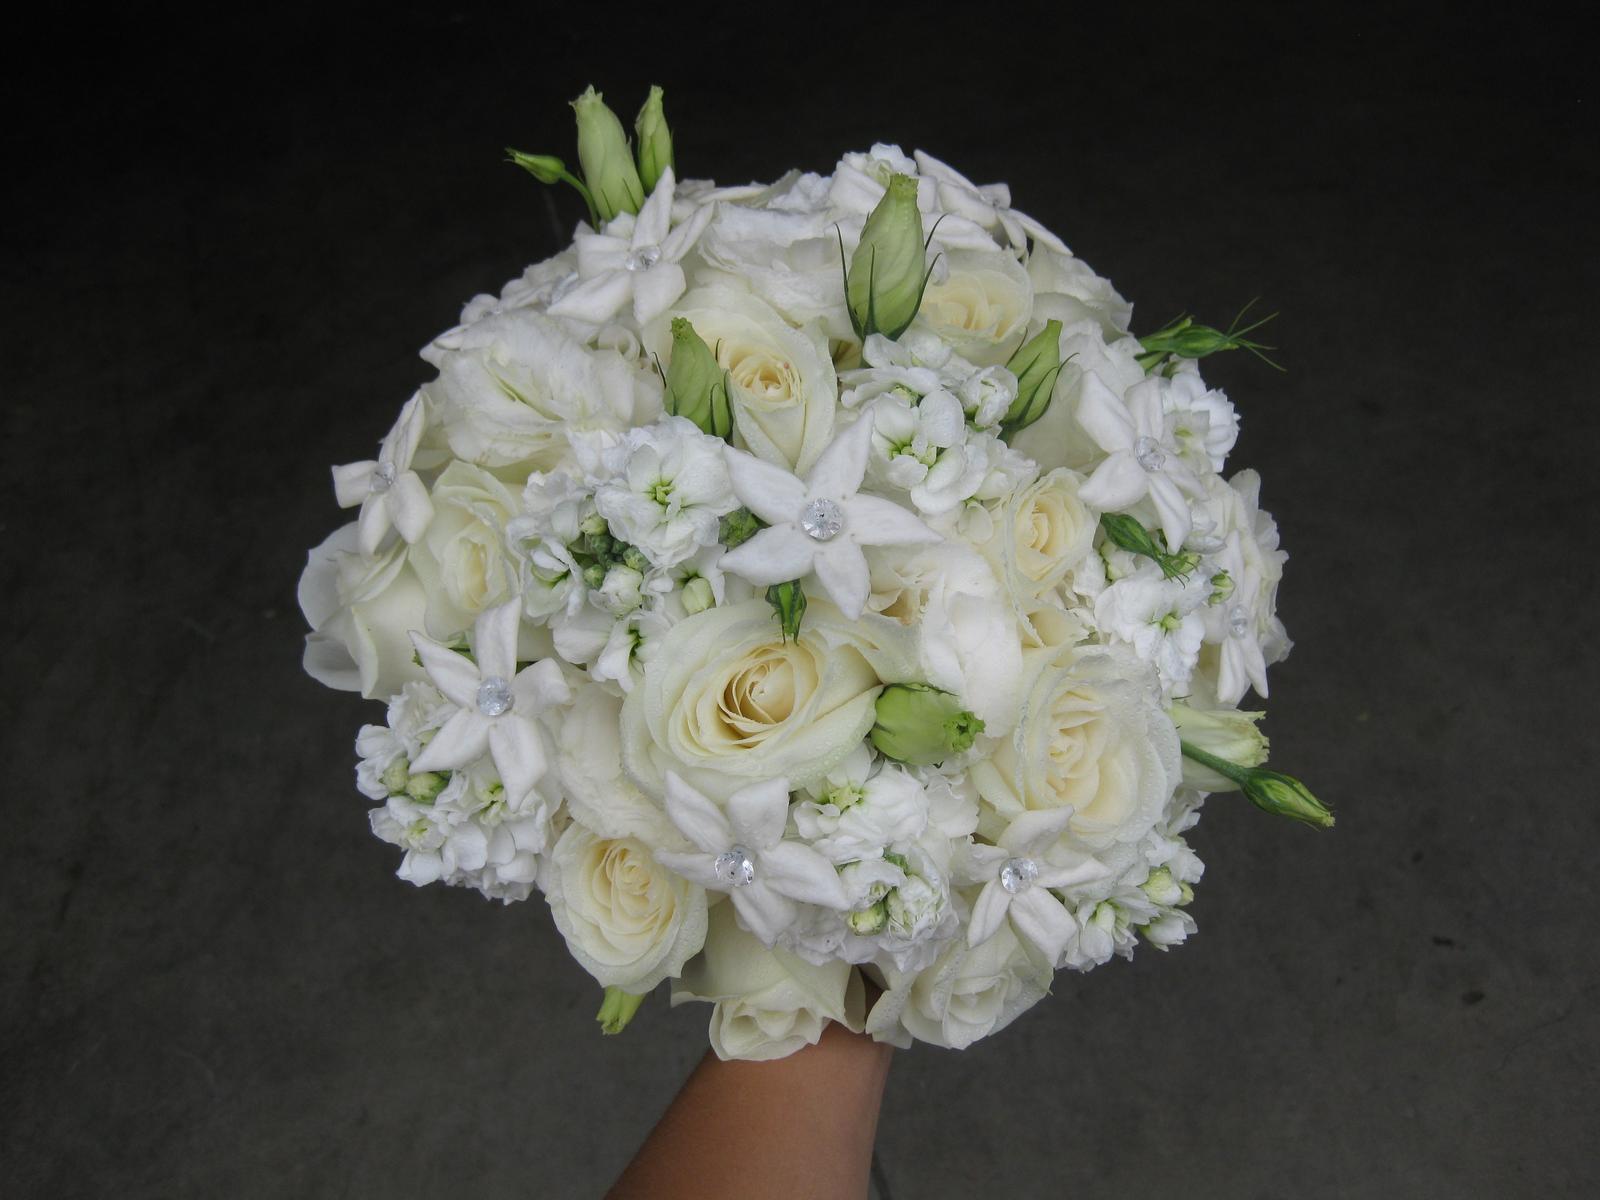 Svatba komplet čistě bílá - Obrázek č. 69